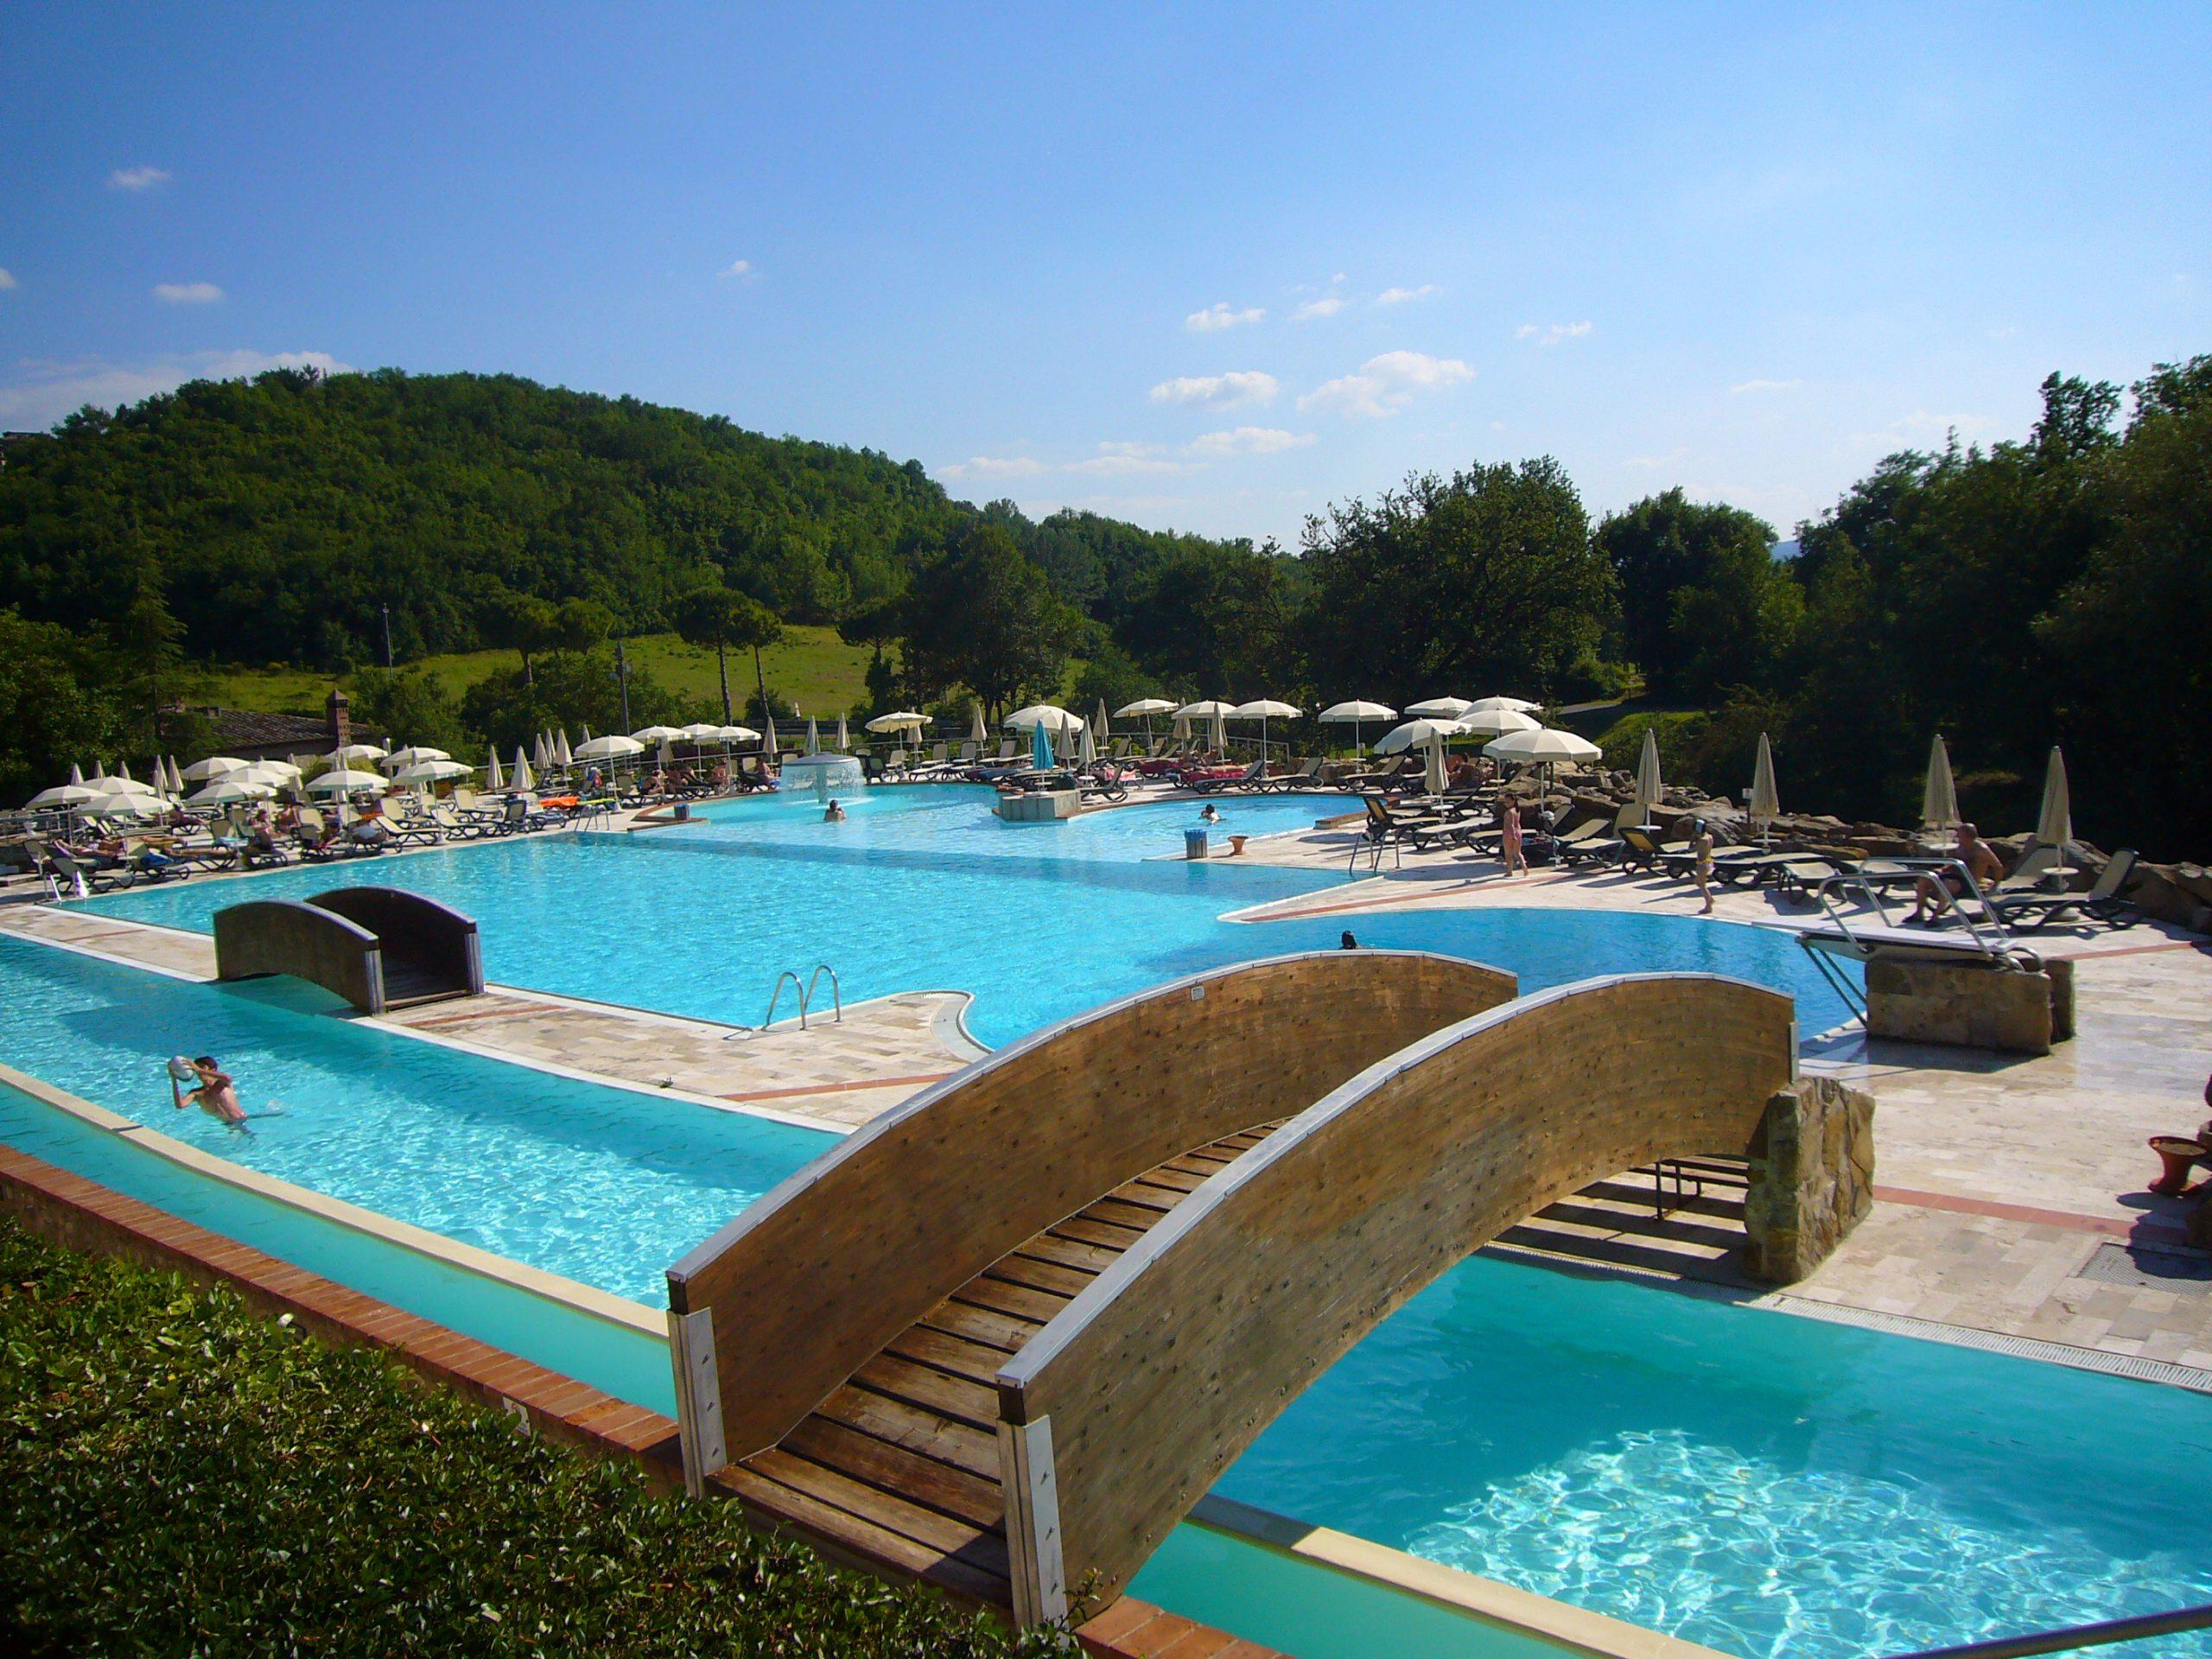 Pools - Mulino Di Quercegrossa pour Piscine Aqualis